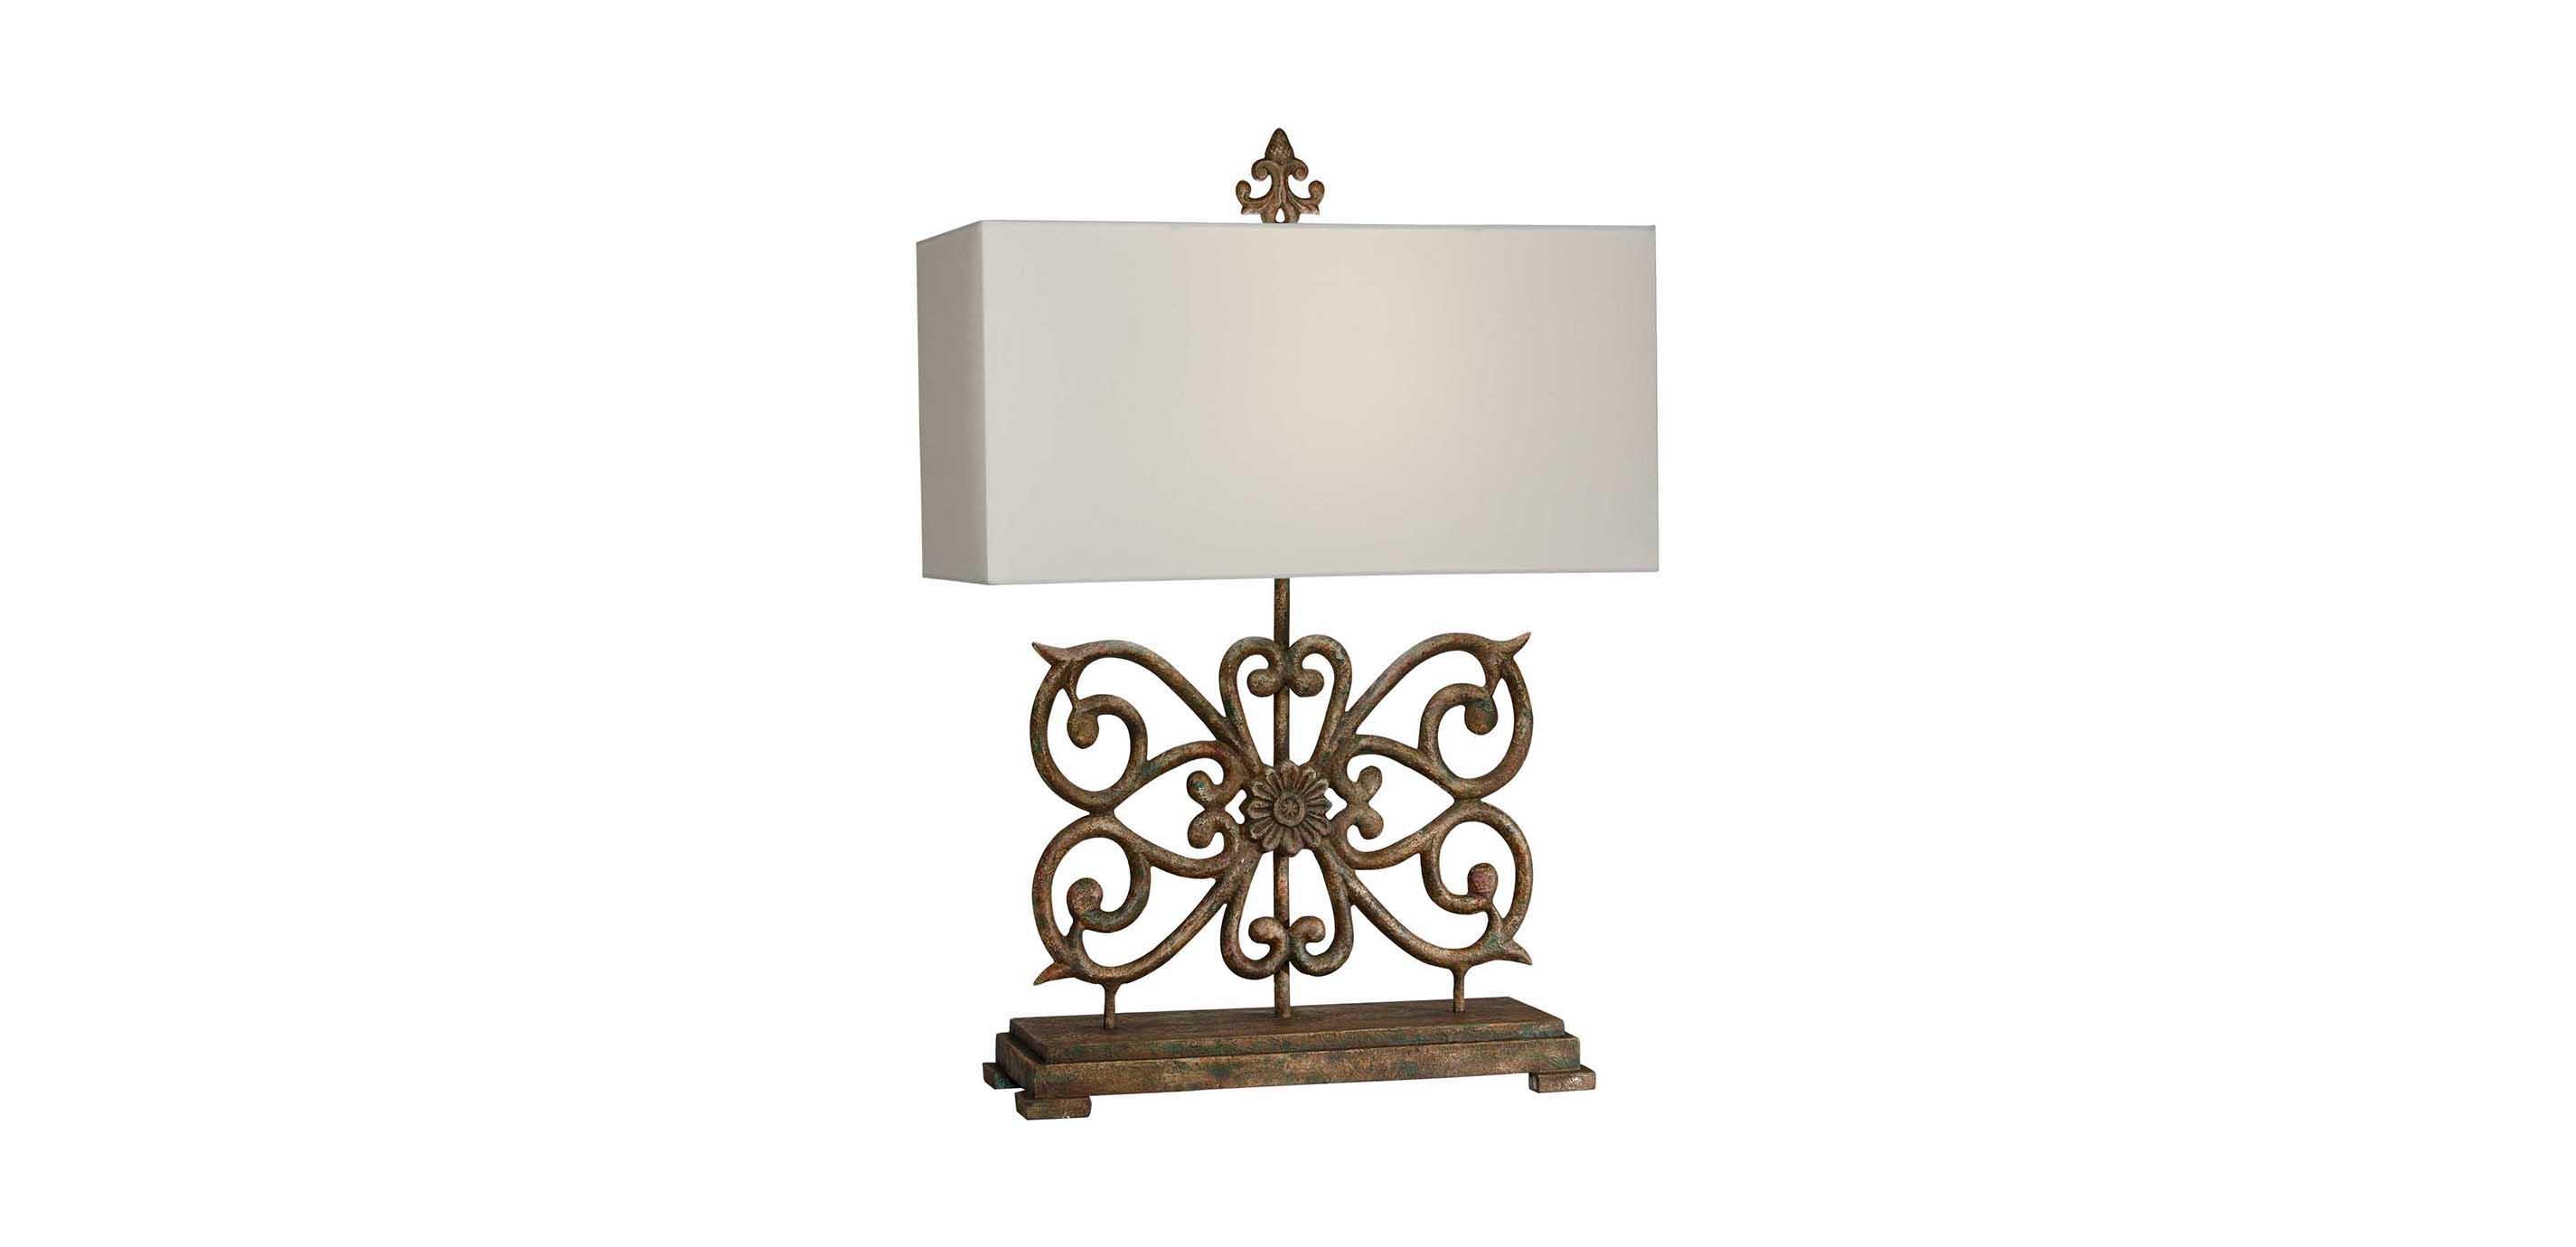 Delphine Console Lamp Table Lamps Ethan Allen